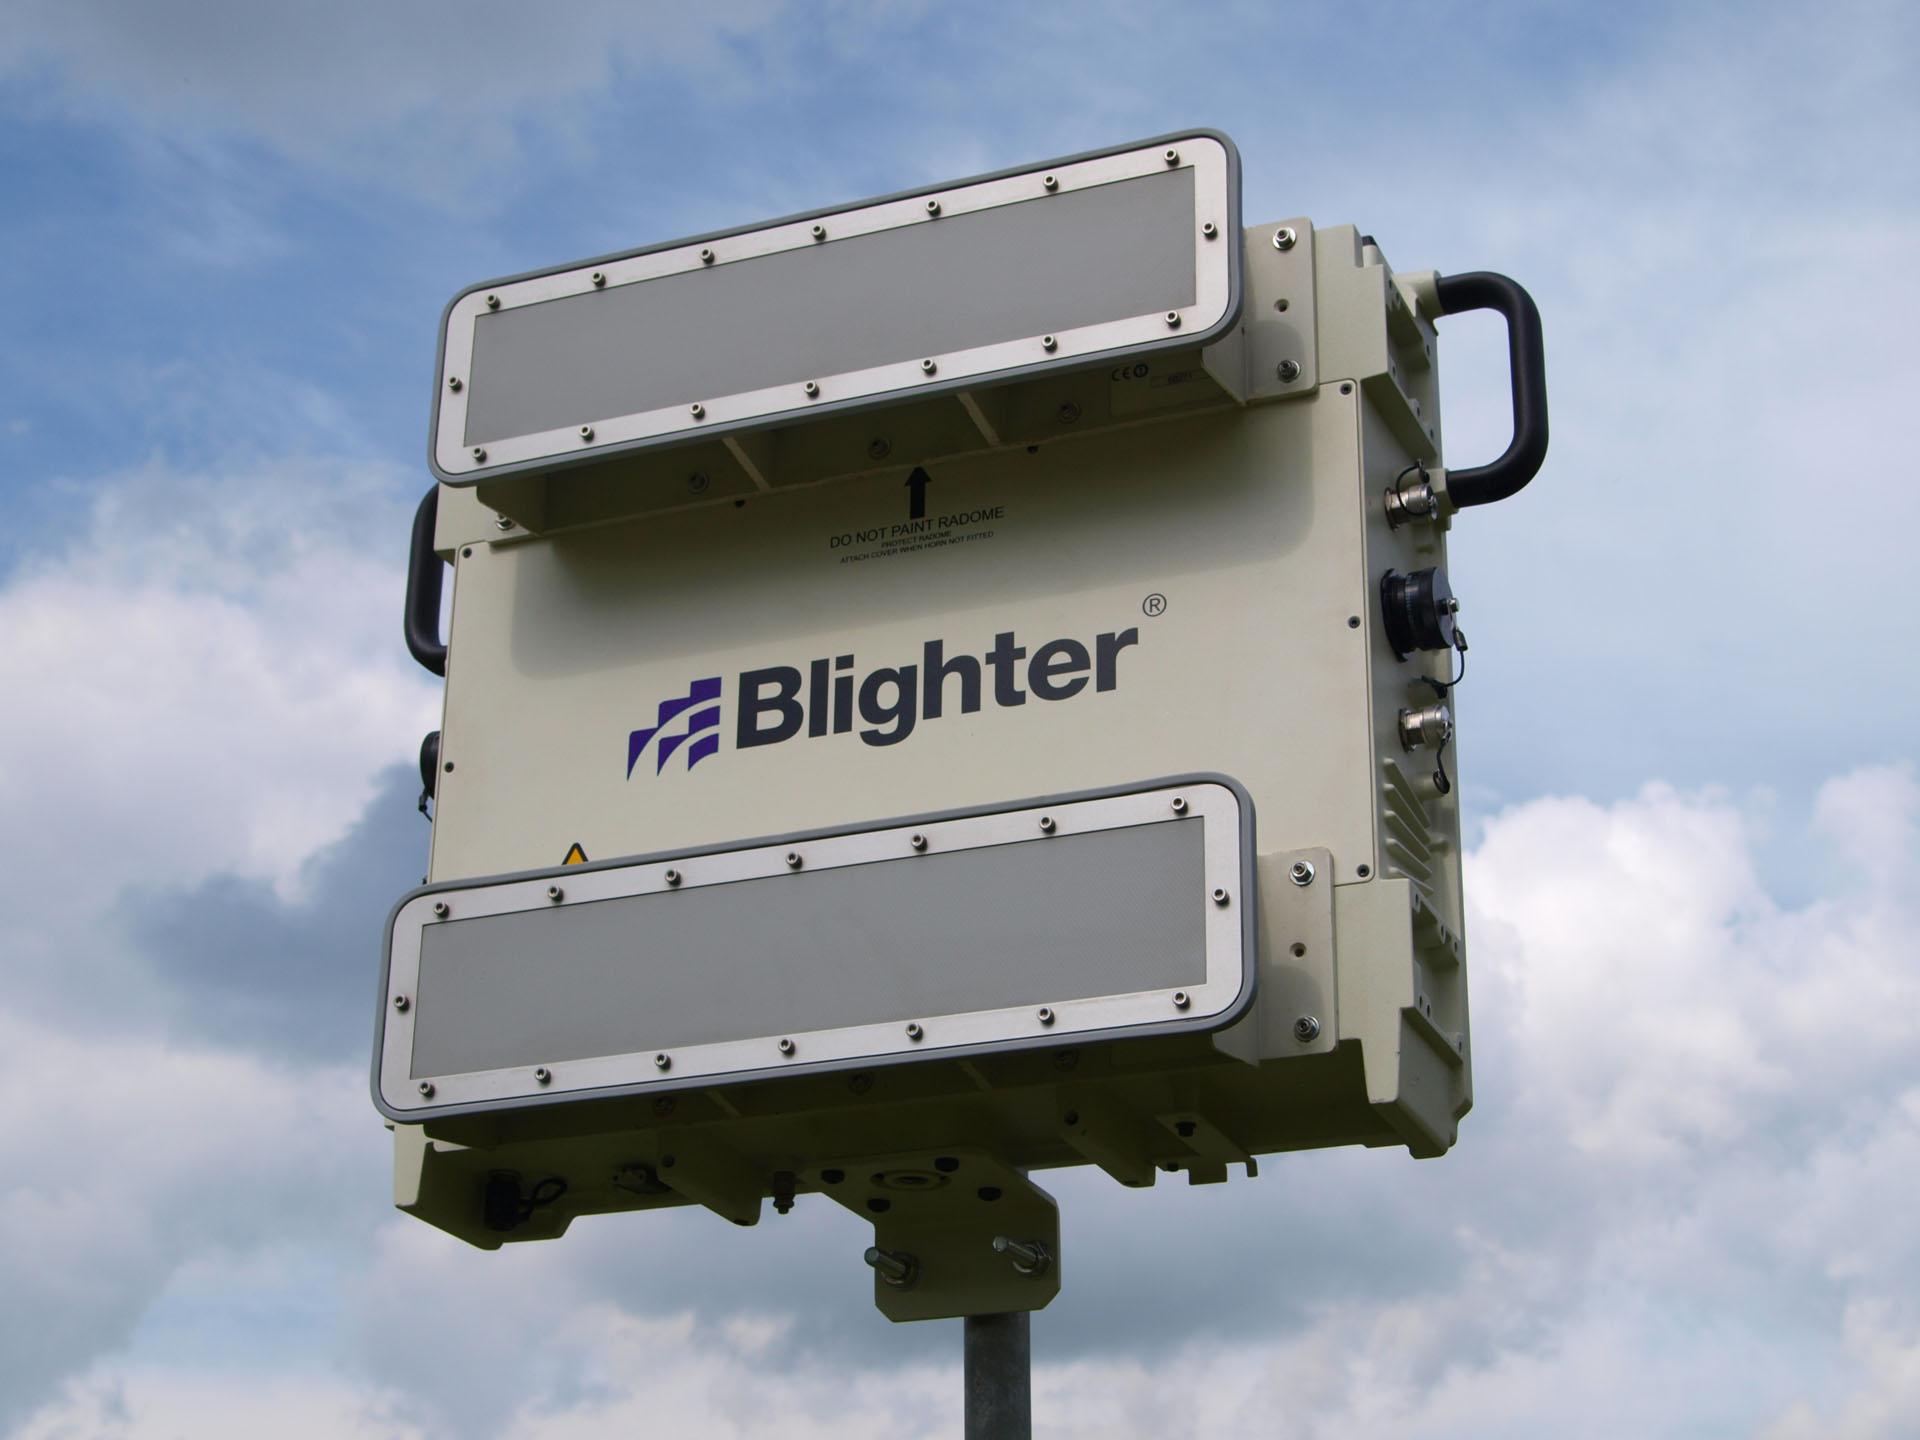 Siemens Selects Blighter B400 Radars For Perimeter